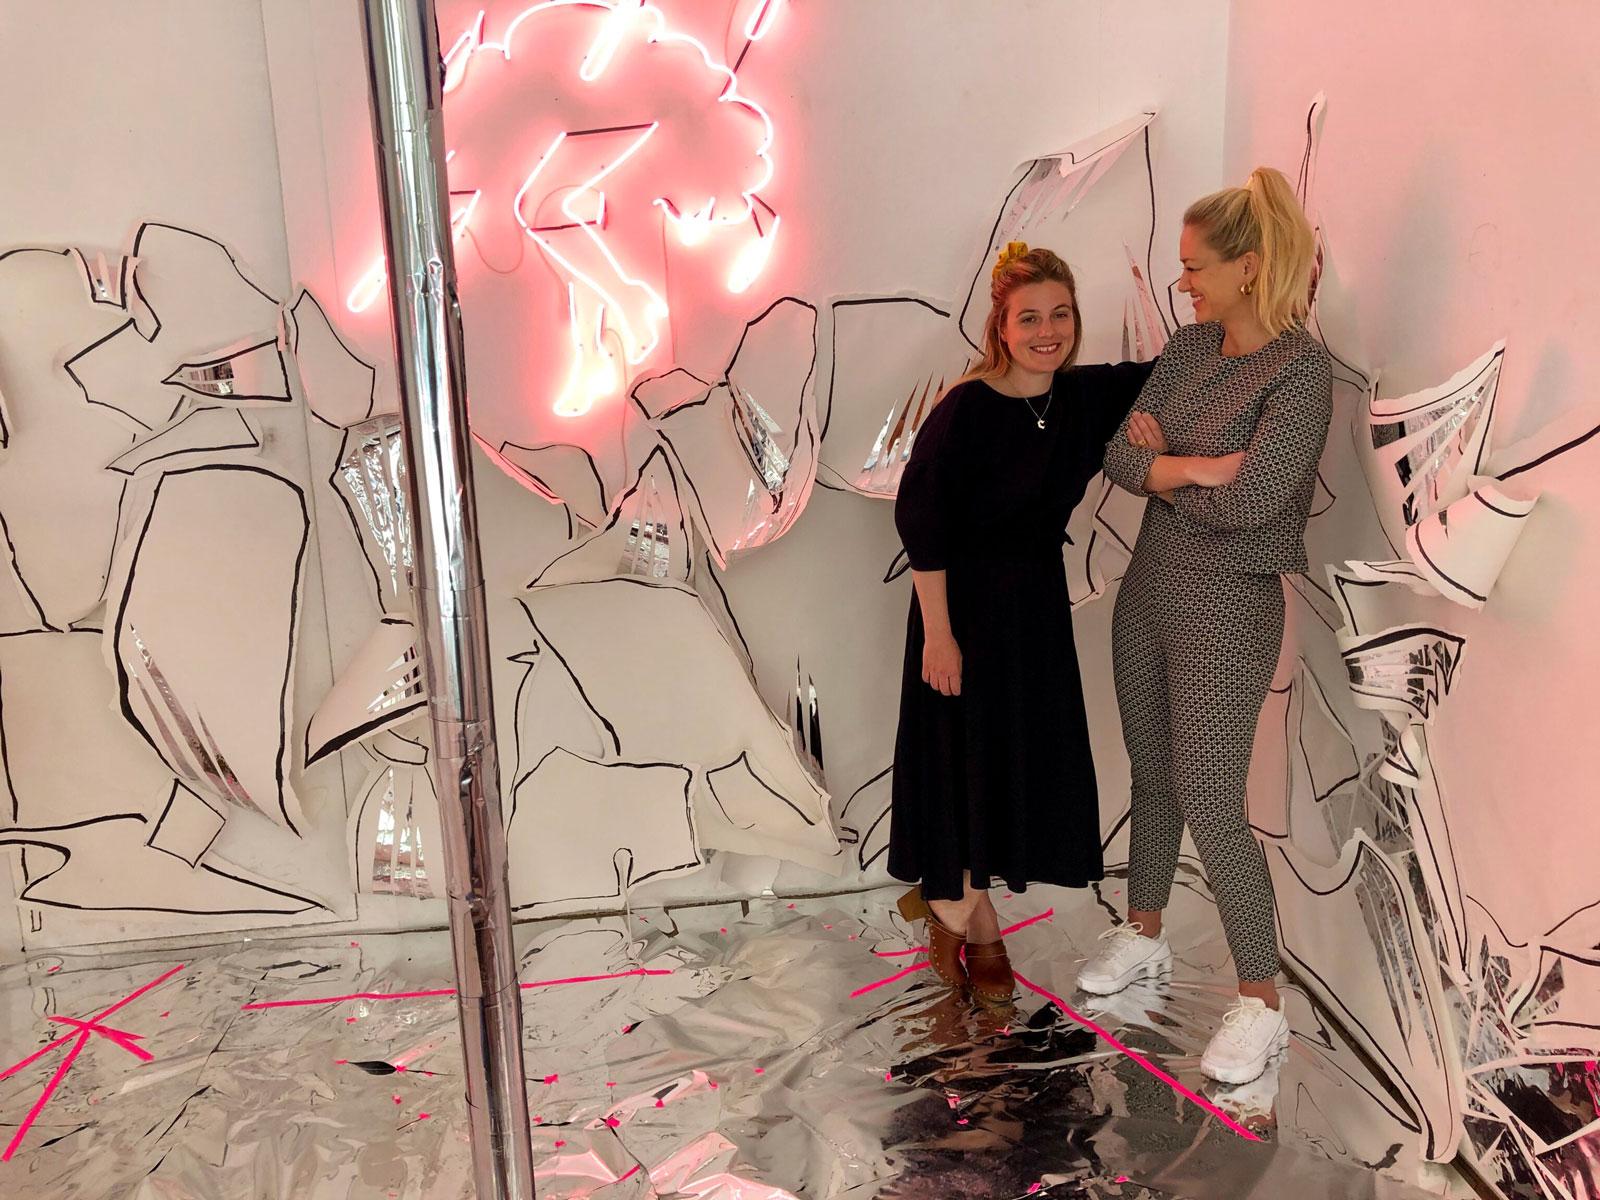 Atelier Pol, Antichambre, exhibition, Annabelle Schneider, Joëlle Lehmann, Snapfinger, Bern, New York